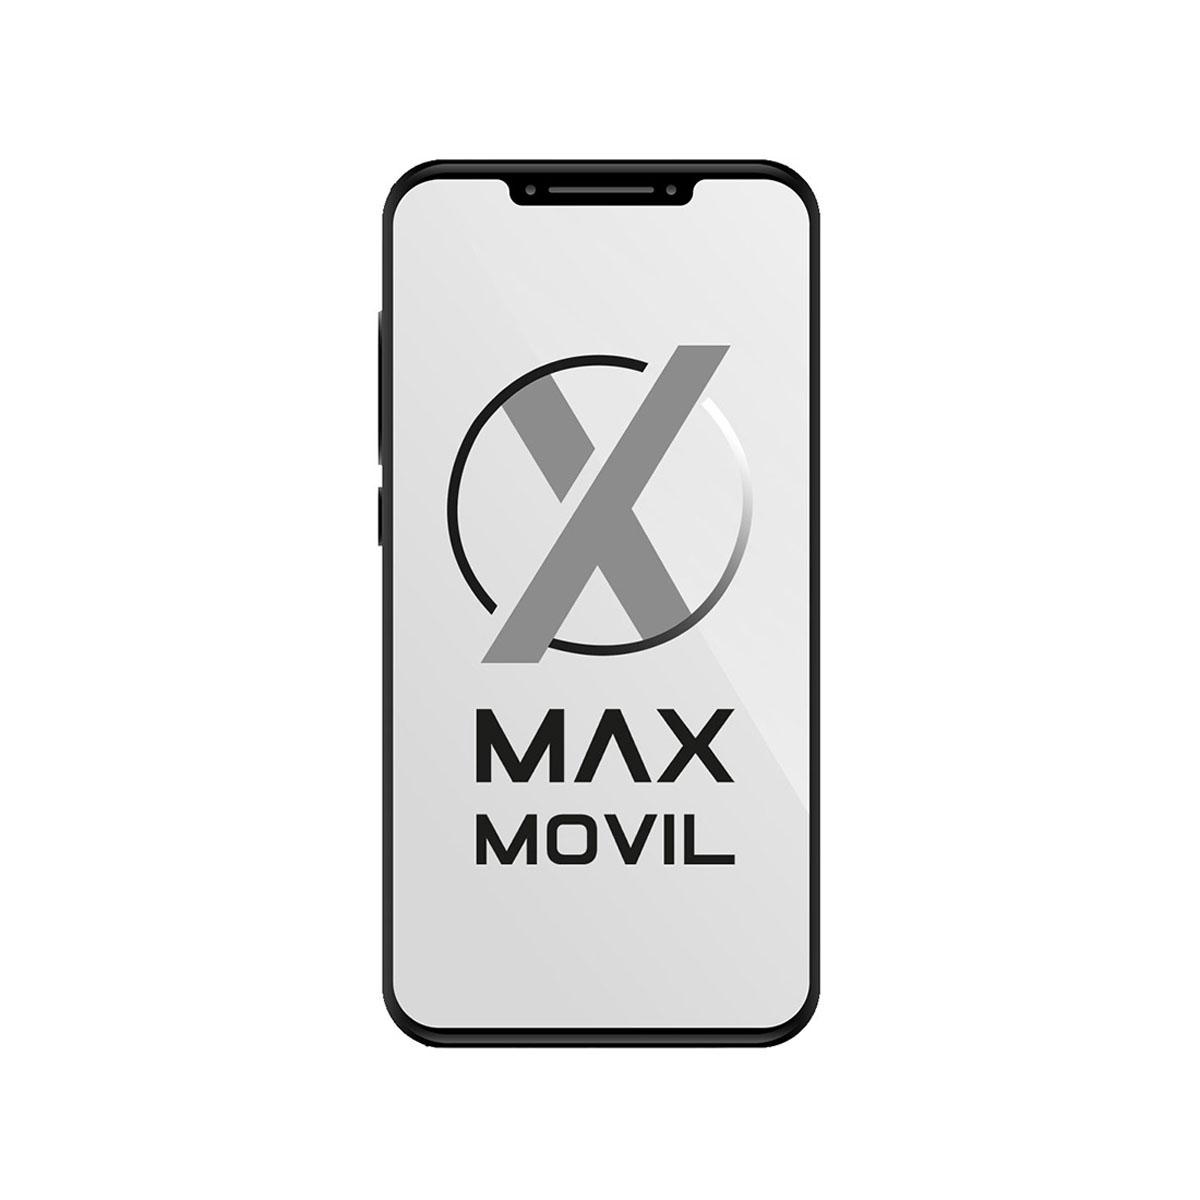 5177e190cd3b7 Comprar Huawei P8 Lite 2017 Blanco Dual SIM libre · MaxMovil ⓴⓳